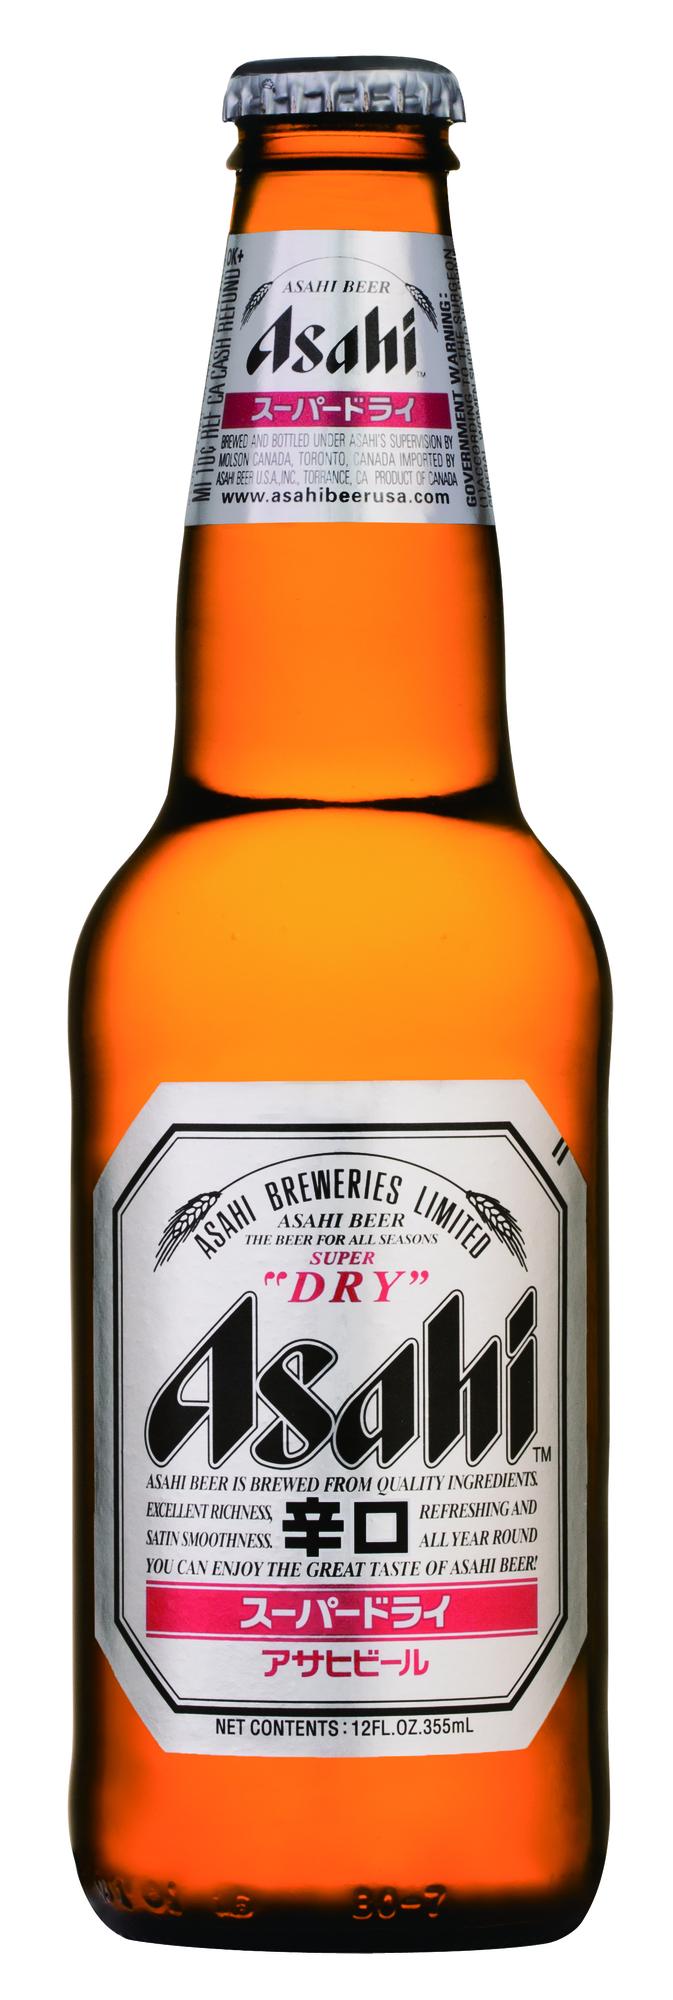 Asahi Super Dry beer Label Full Size